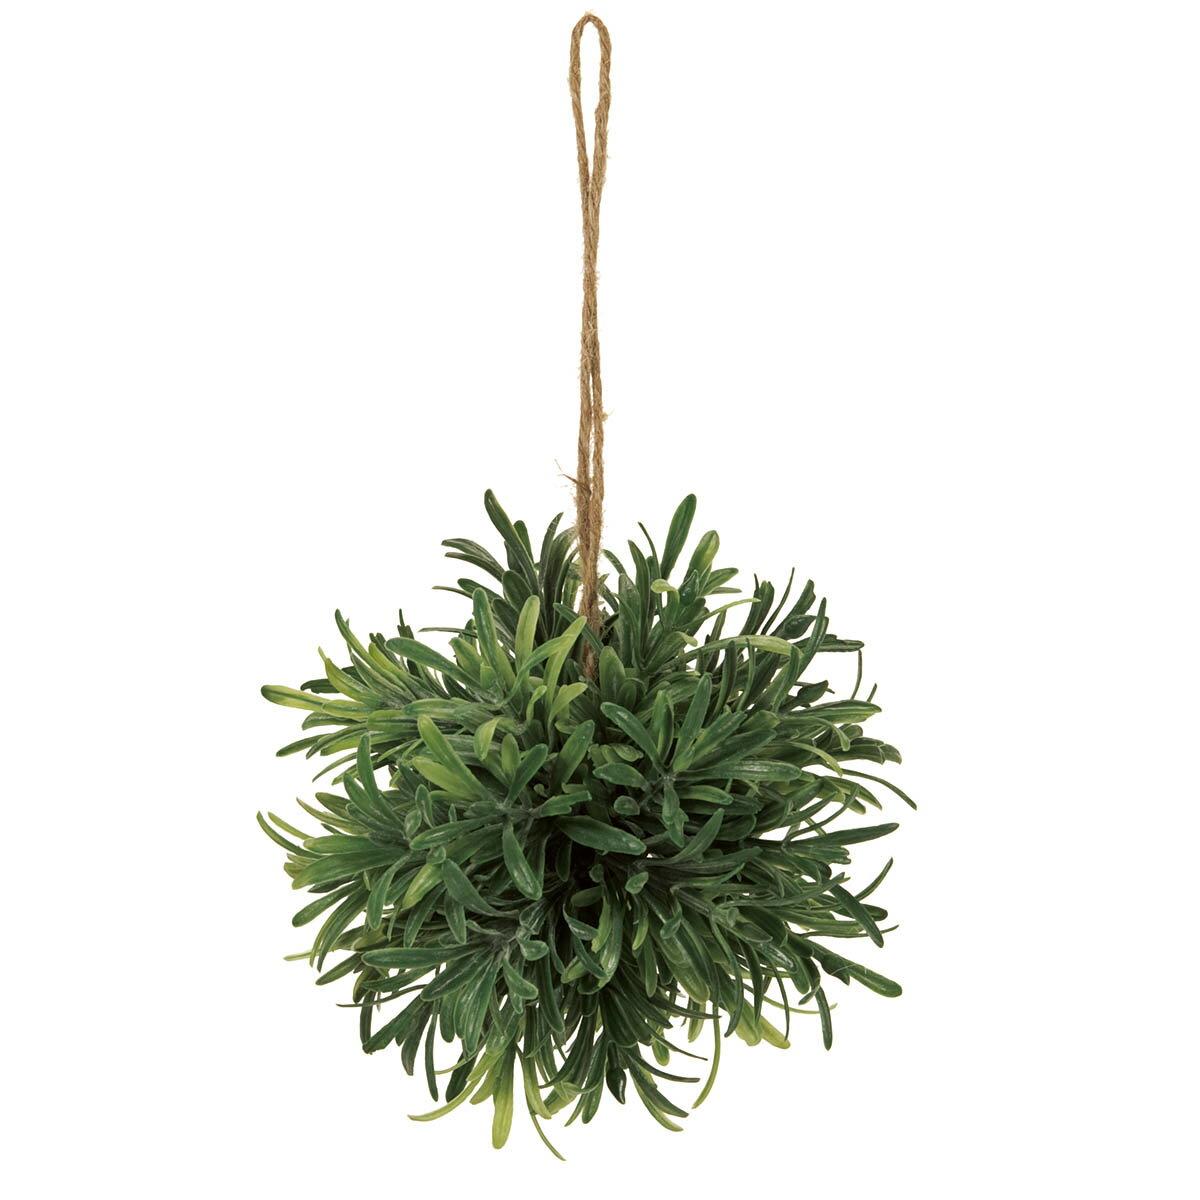 【造花】MAGIQ(東京堂)/パウダーローズマリーボールS グリーン/FG001556【01】【取寄】《 造花(アーティフィシャルフラワー) 造花葉物、フェイクグリーン ハーブ 》